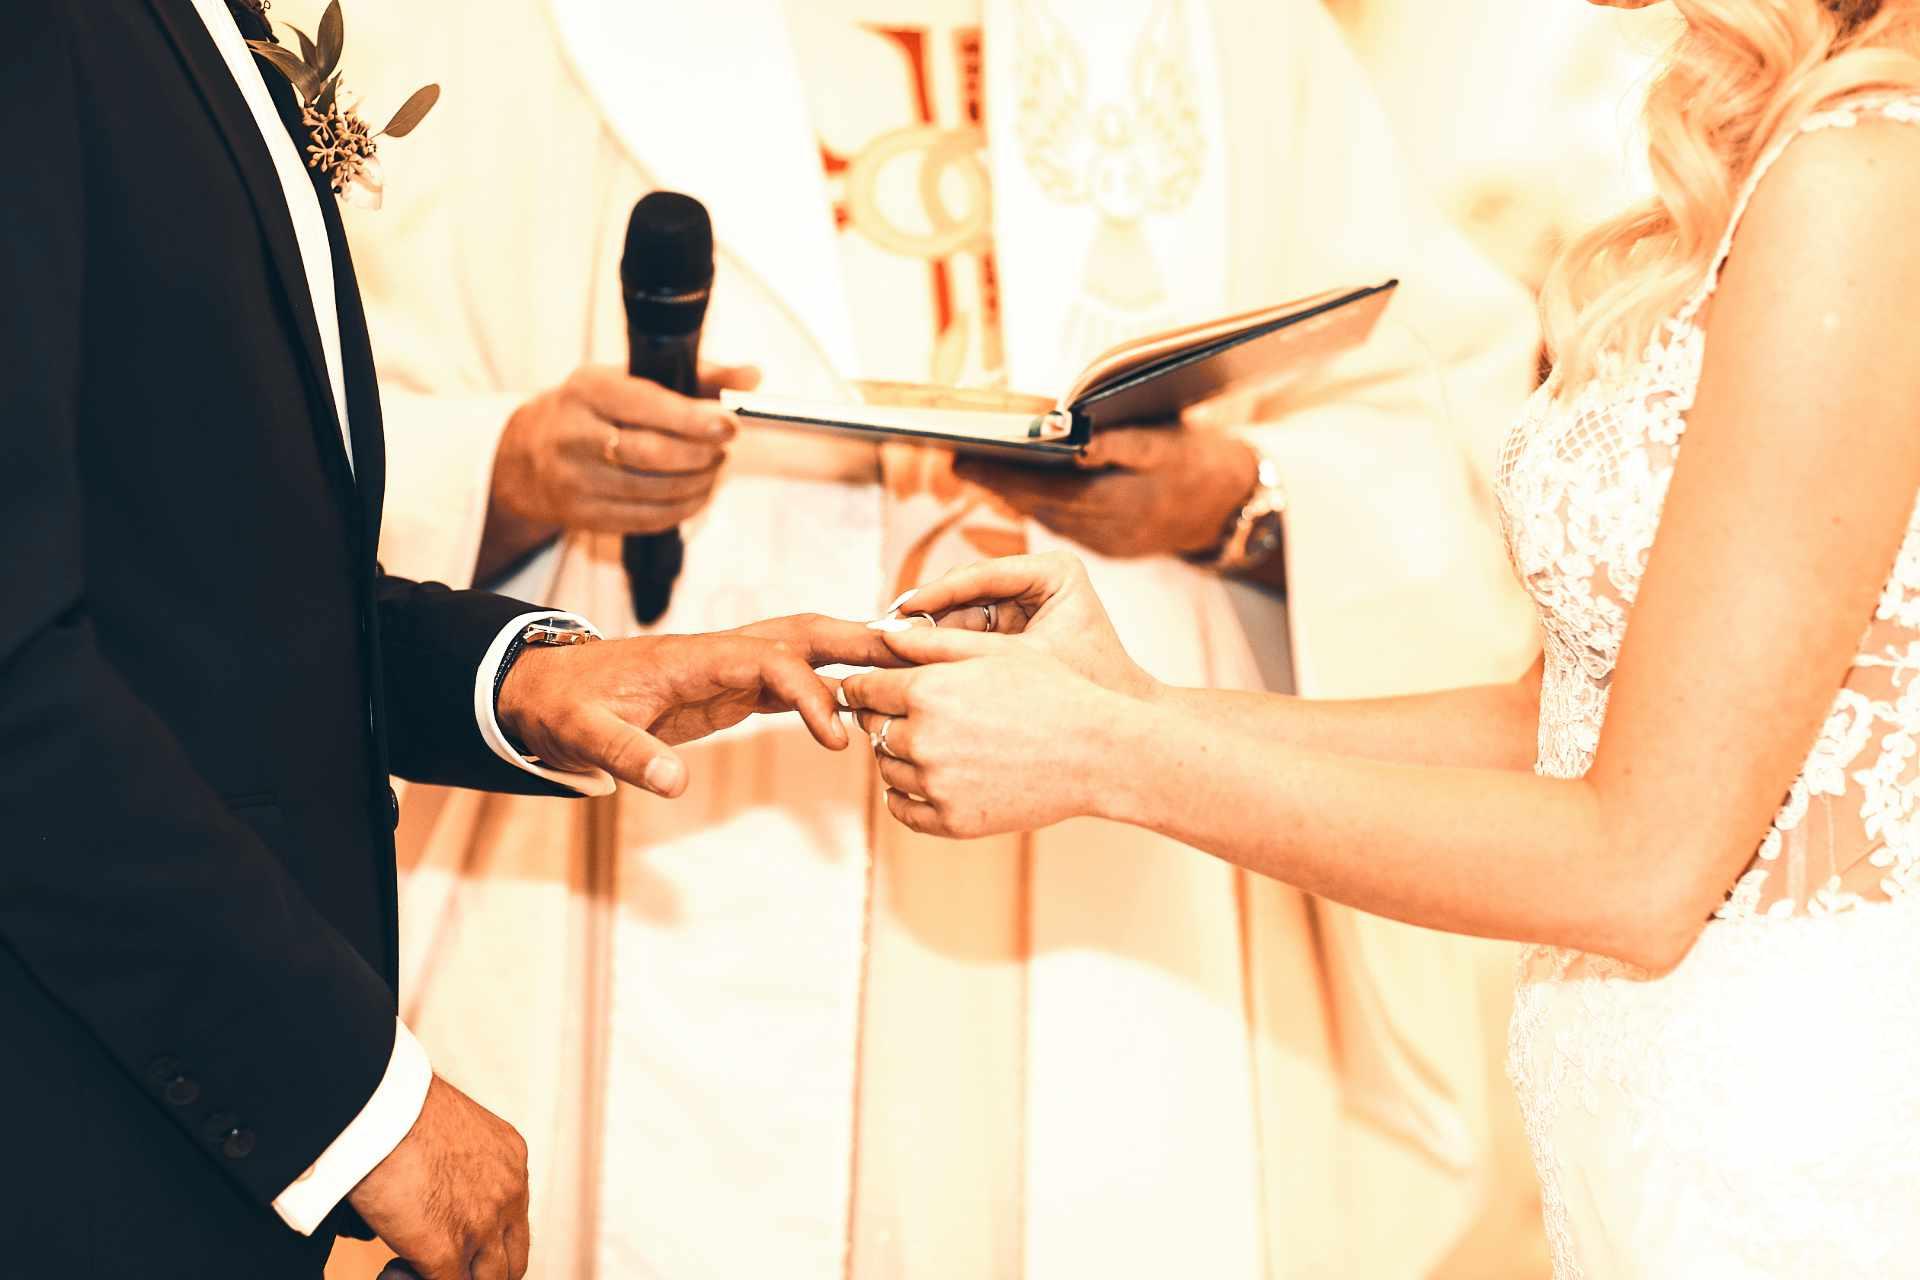 passage de l'anneau au doigt lors d'un mariage